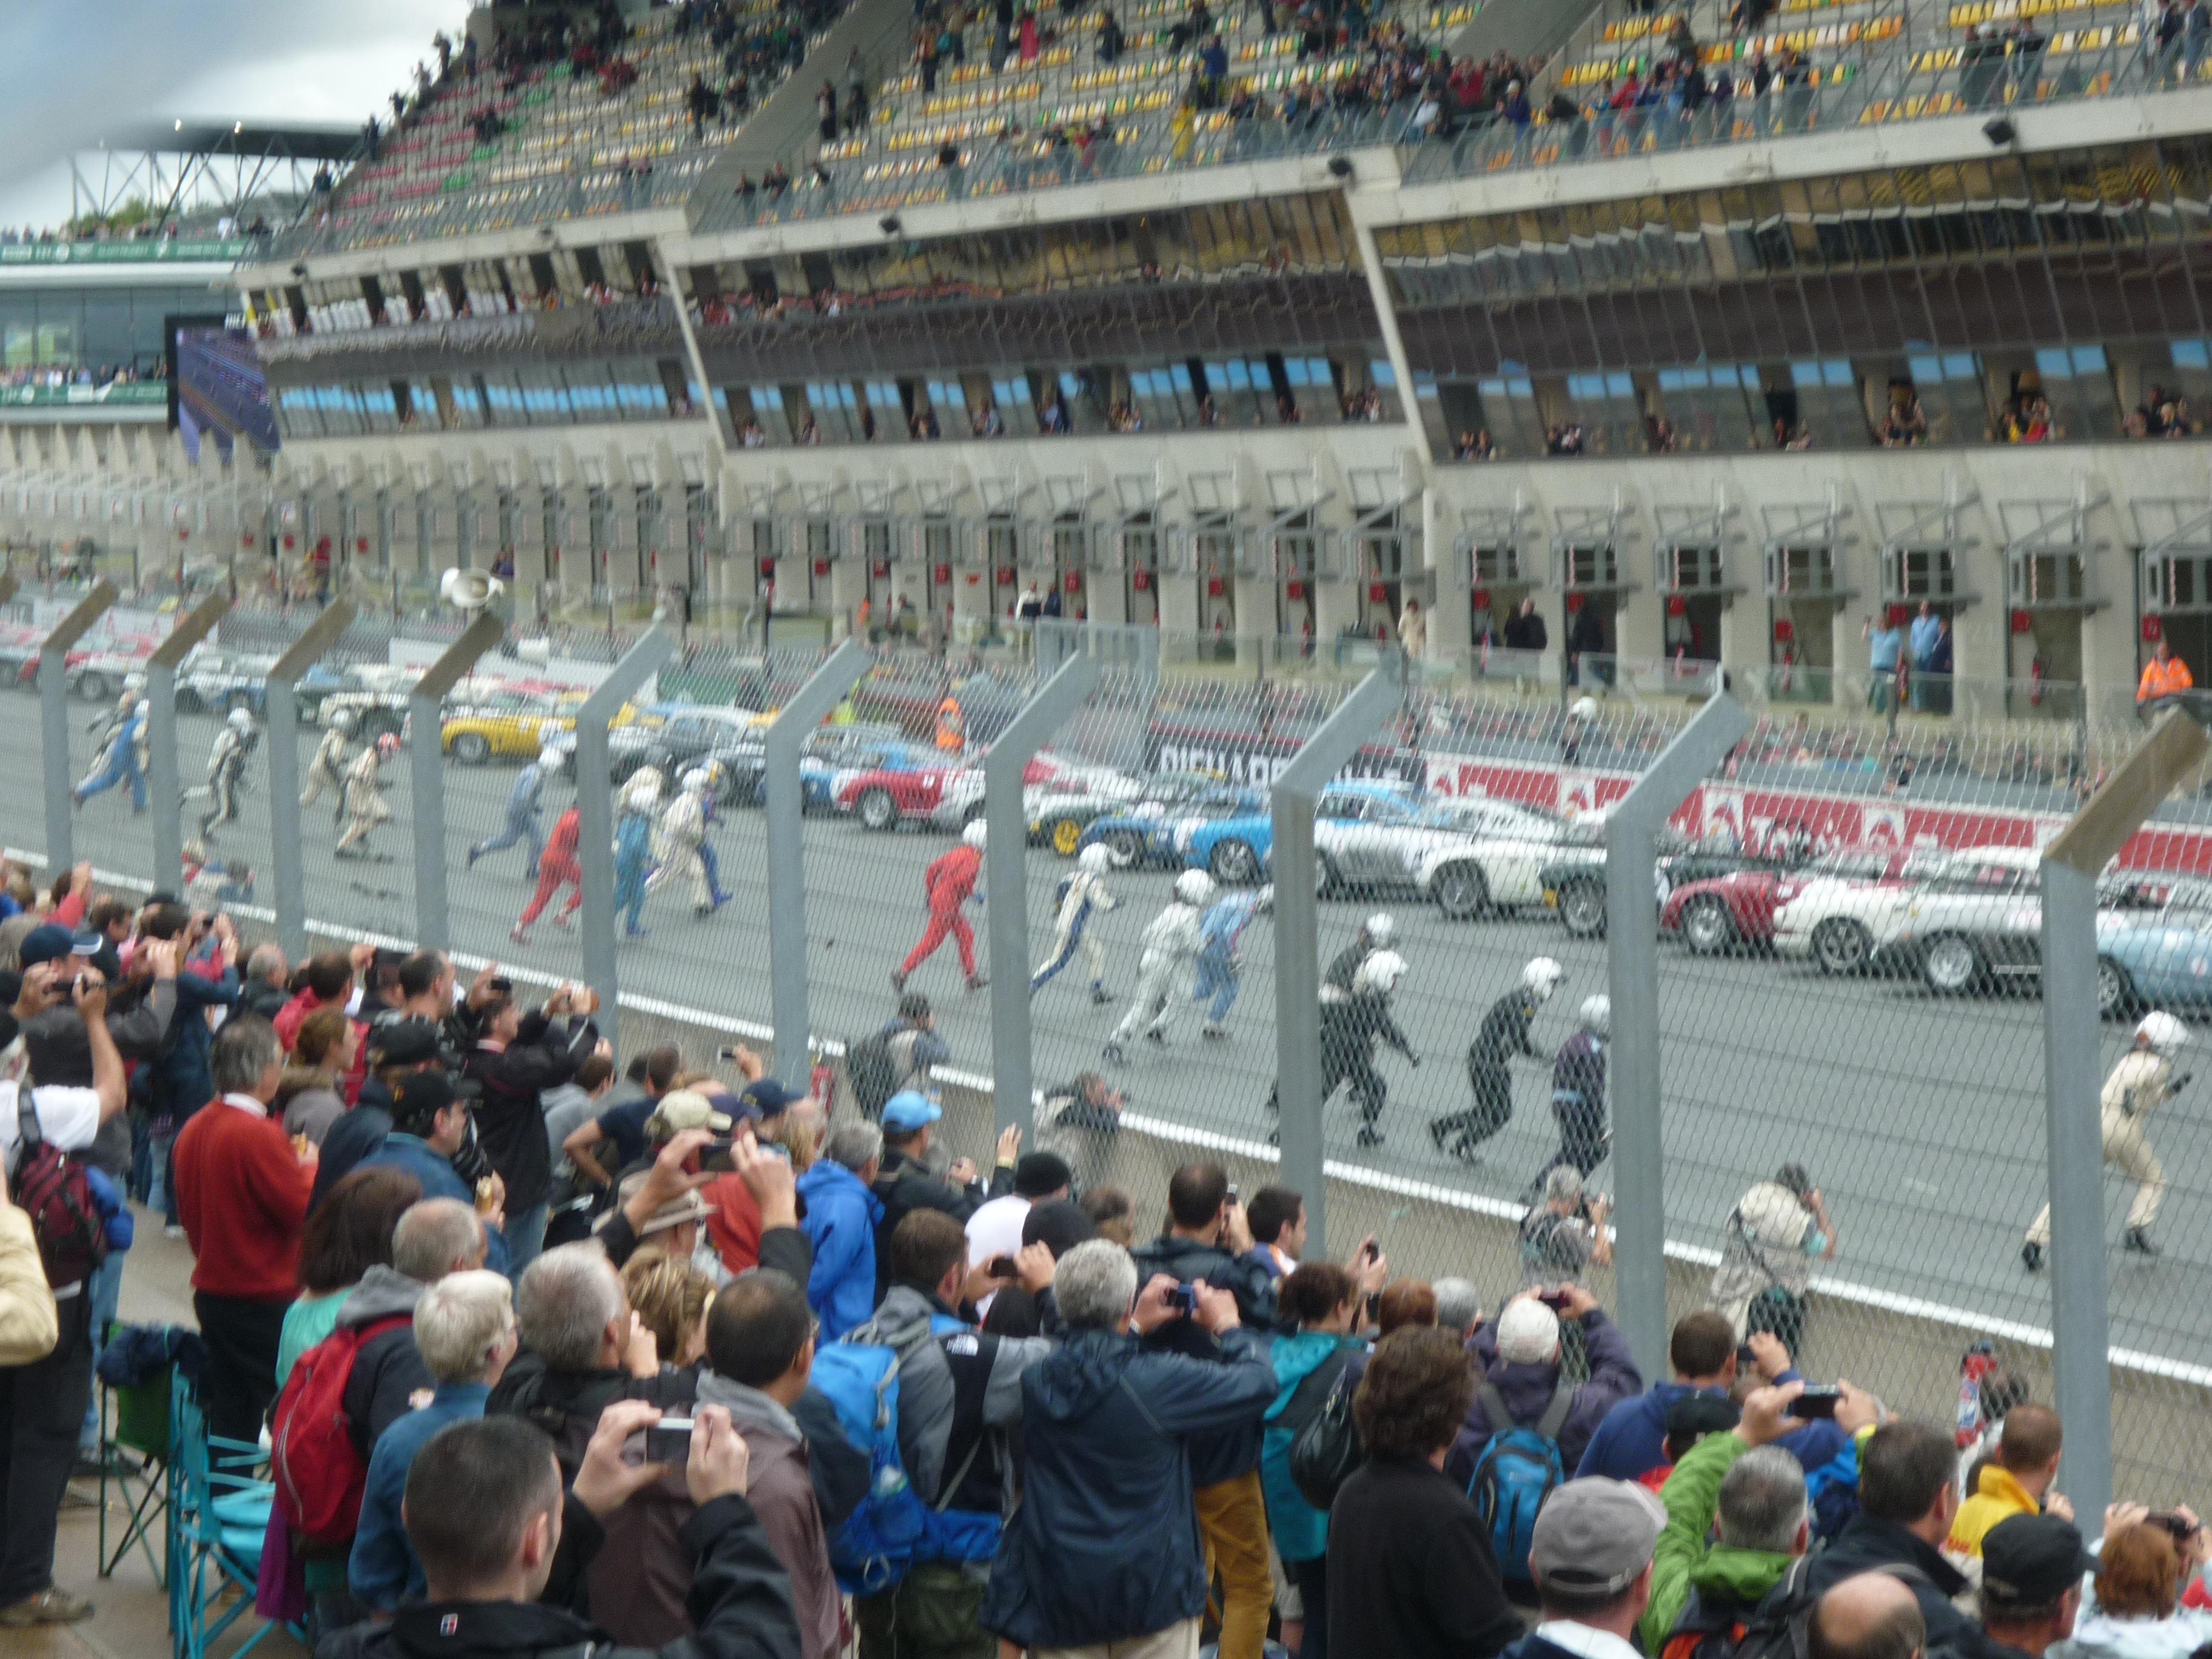 Le Mans Style Start